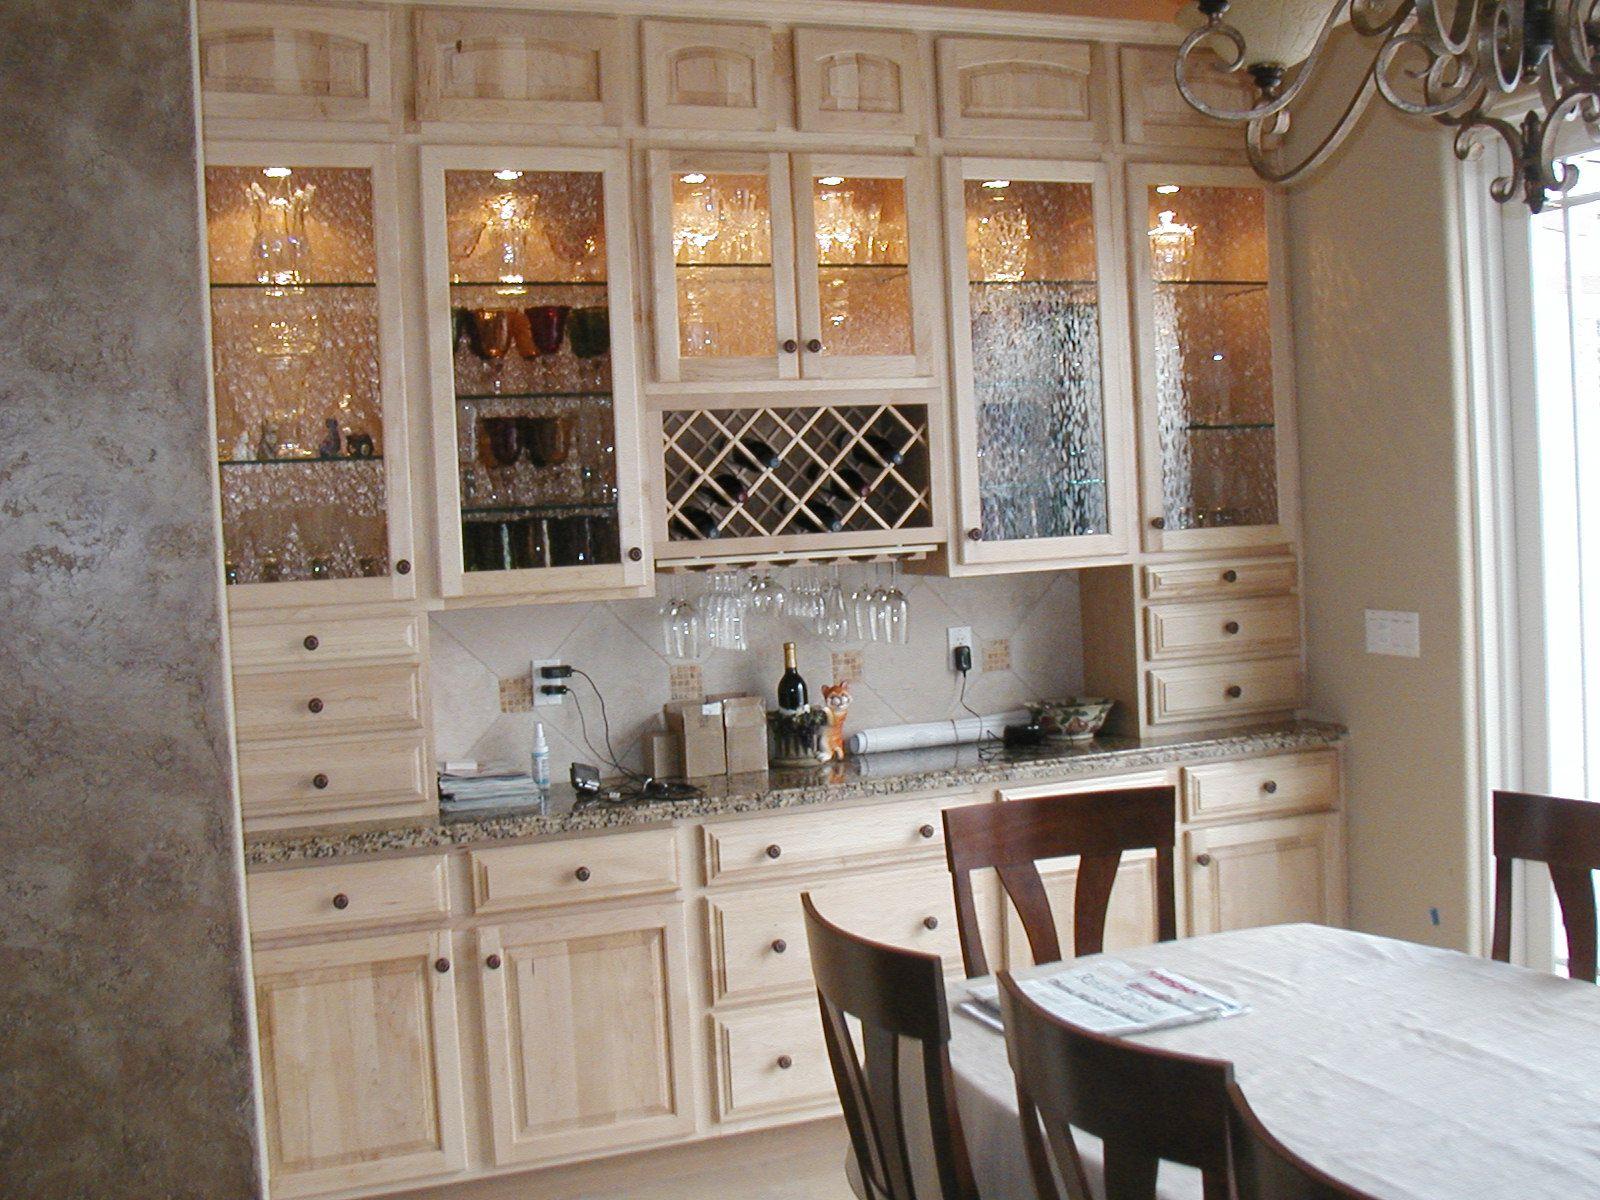 Küche interieur farbschemata atemberaubende reface ihre küche schränke  das farbschema das